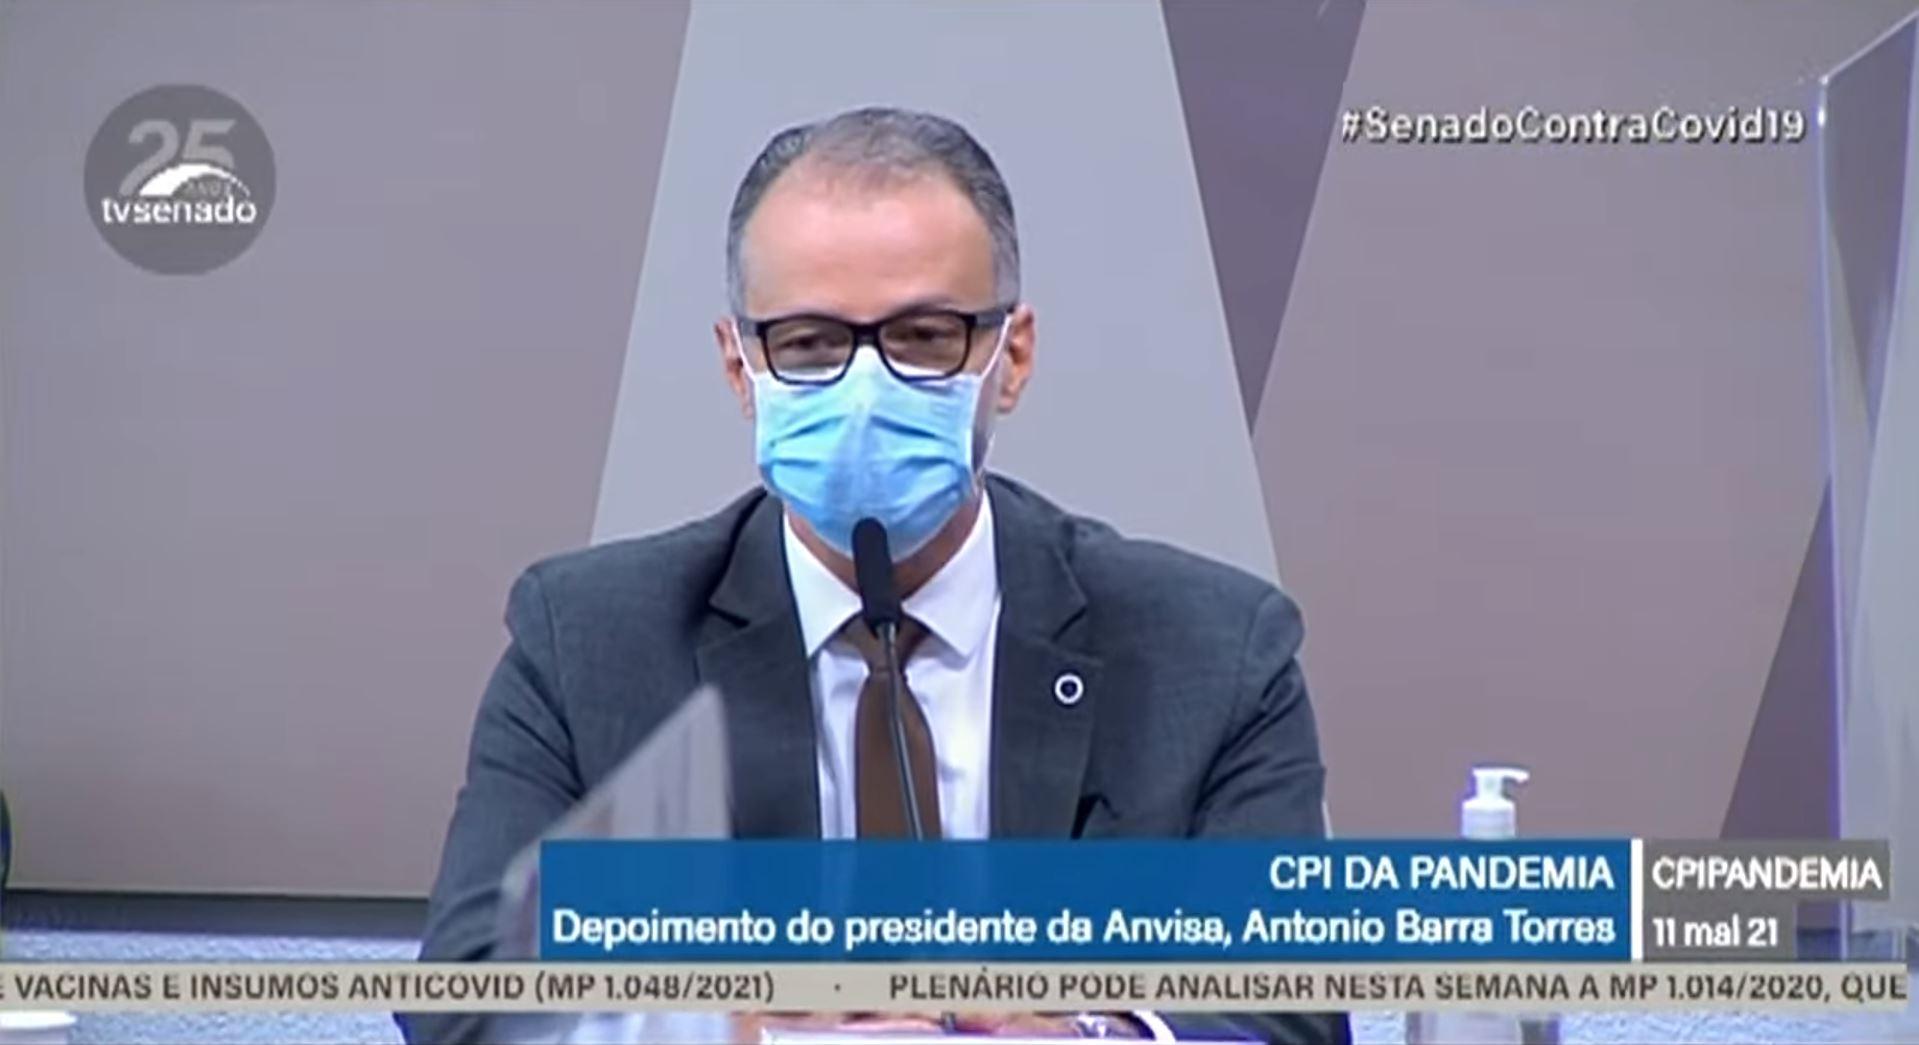 IMAGEM: Presidente da Anvisa diz que médica pró-cloroquina sugeriu mudar bula do remédio e confirma reunião no Planalto